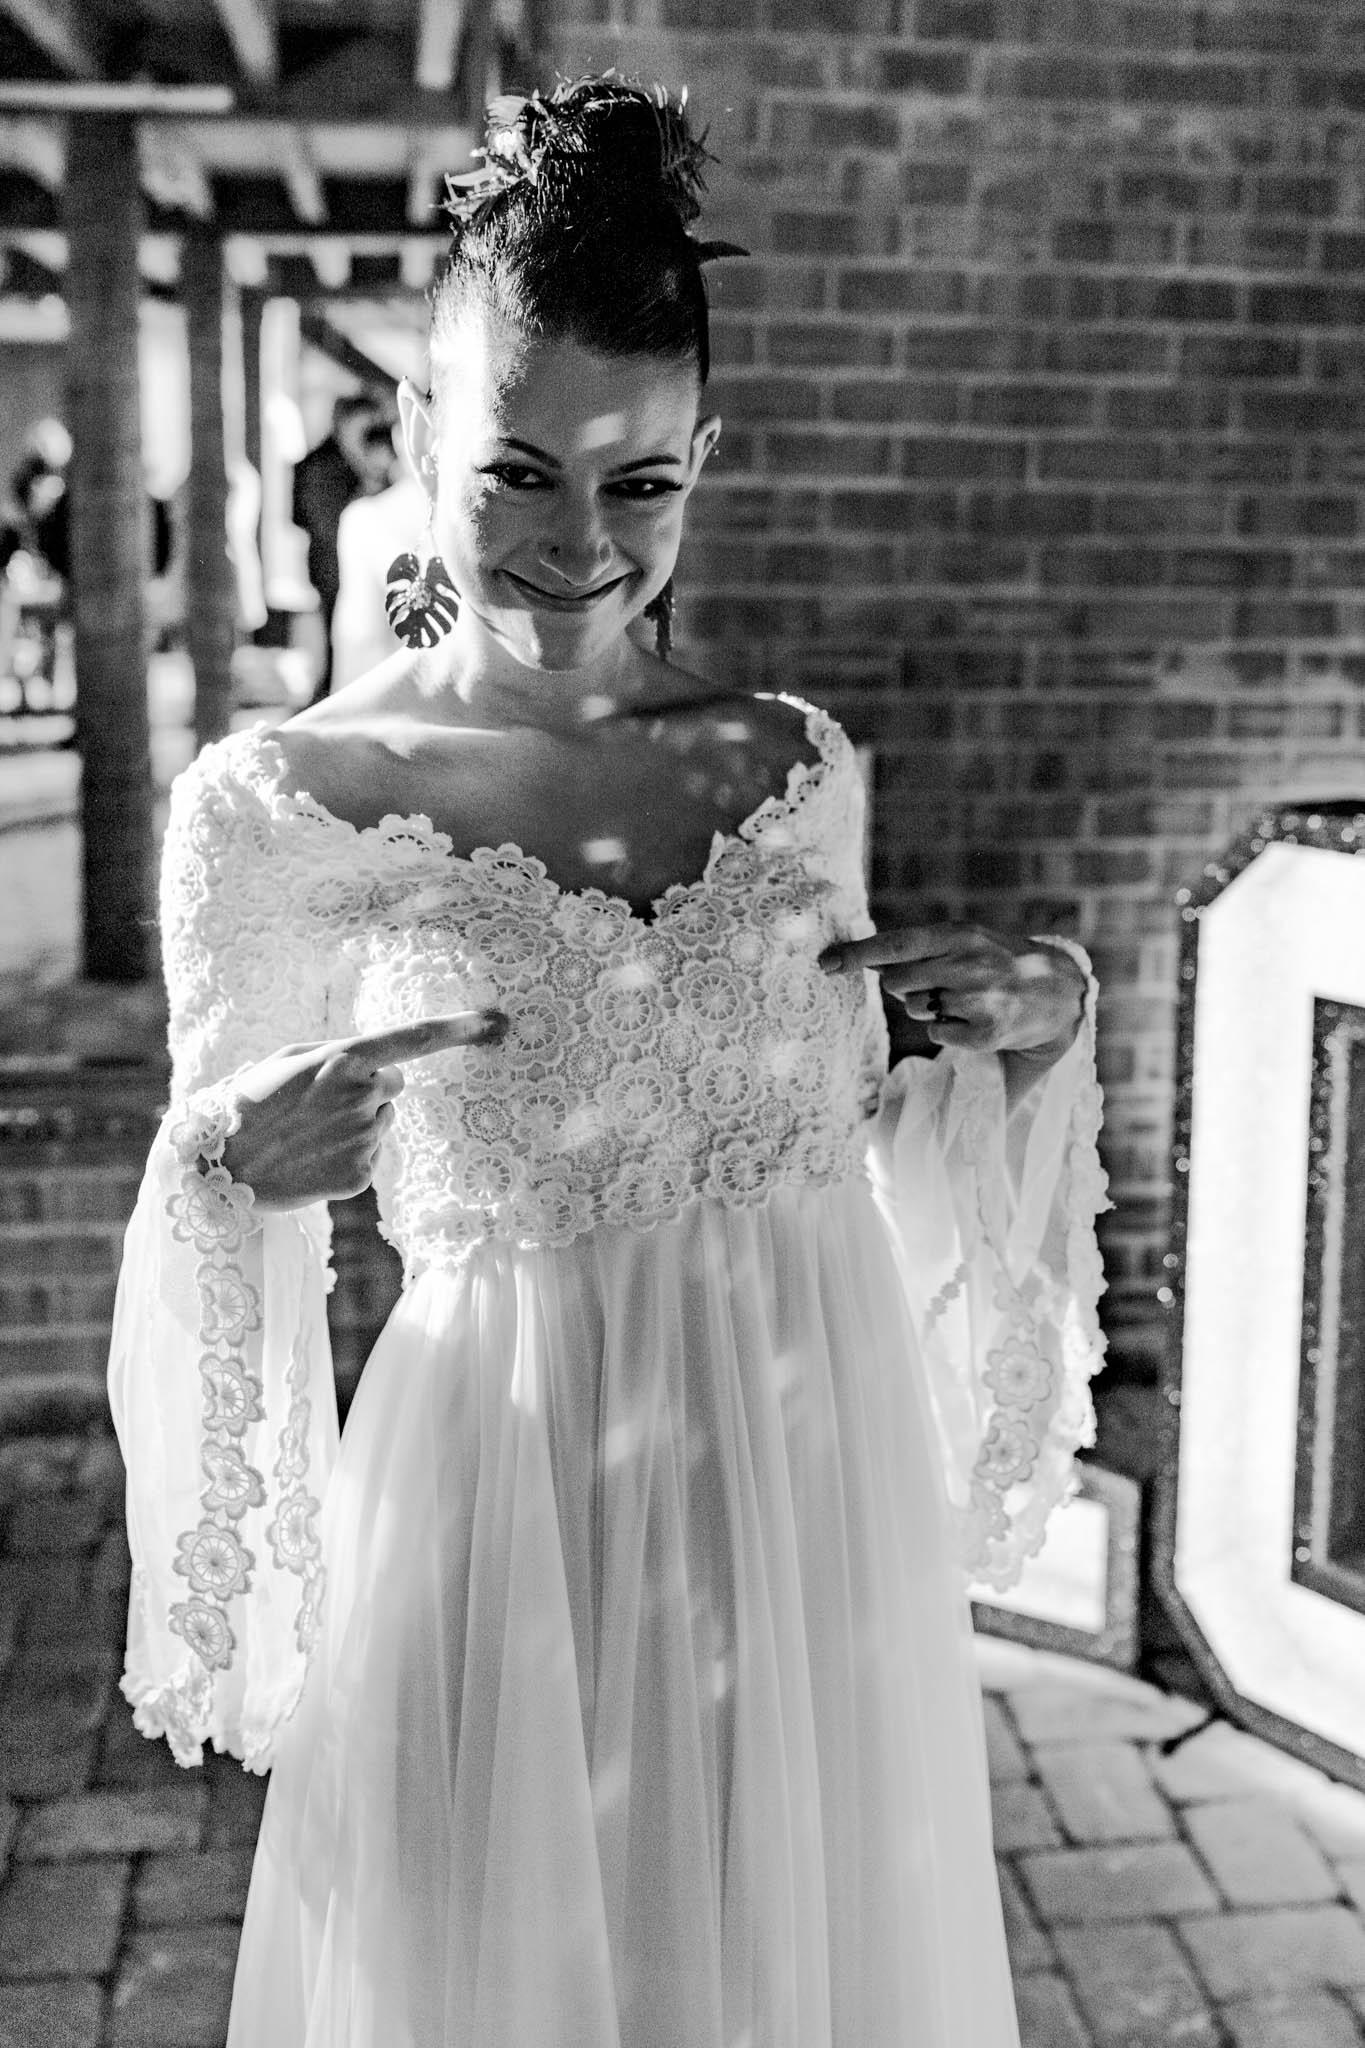 funny wedding photo - modern tropical wedding - modern wedding - modern bride - east midlands wedding planner